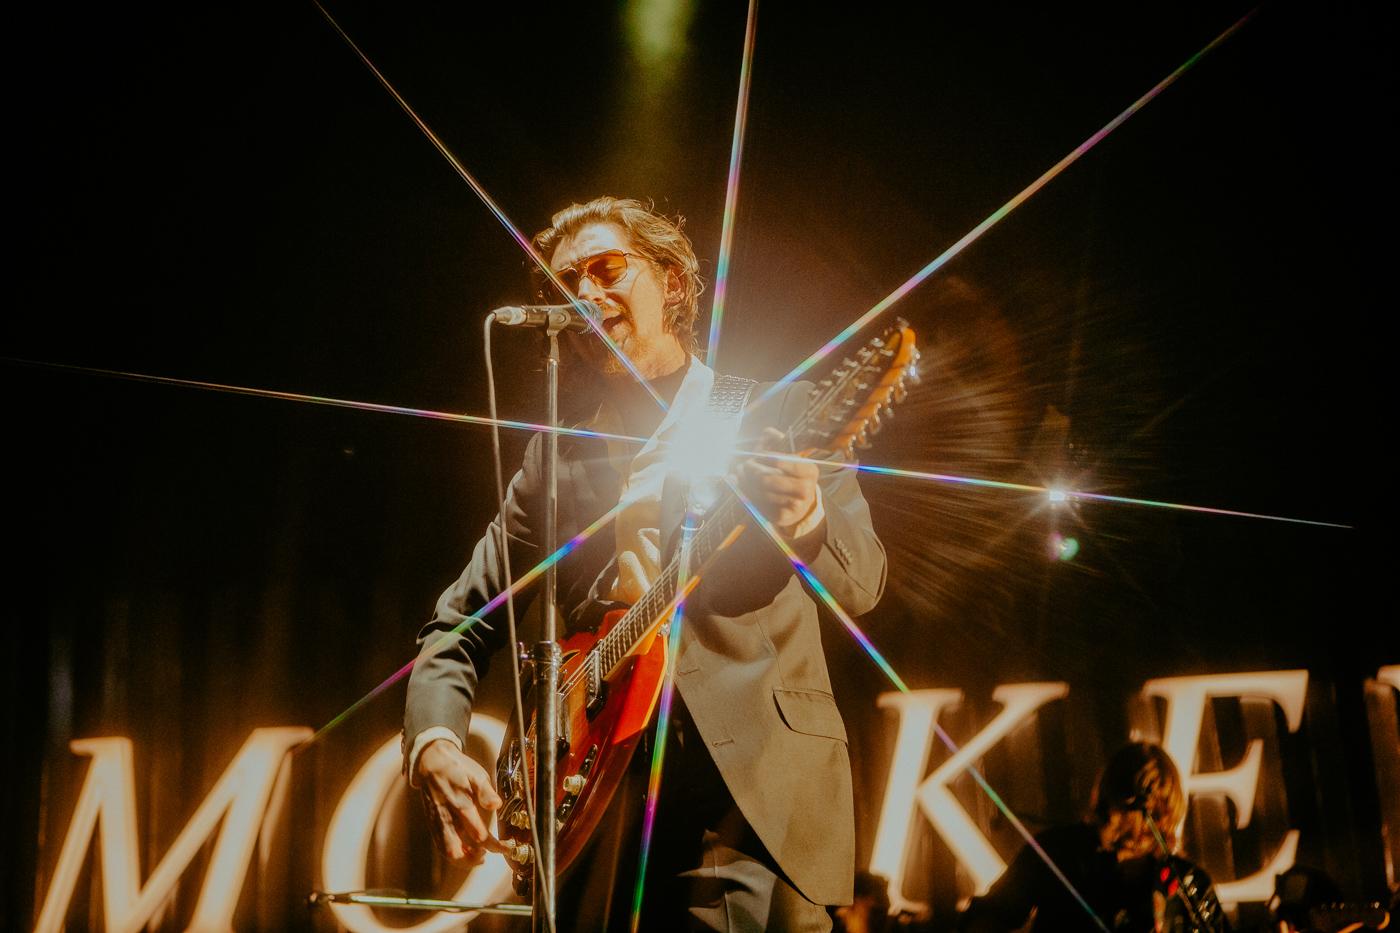 Arctic Monkeys @ Auditorium Parco della Musica, Roma